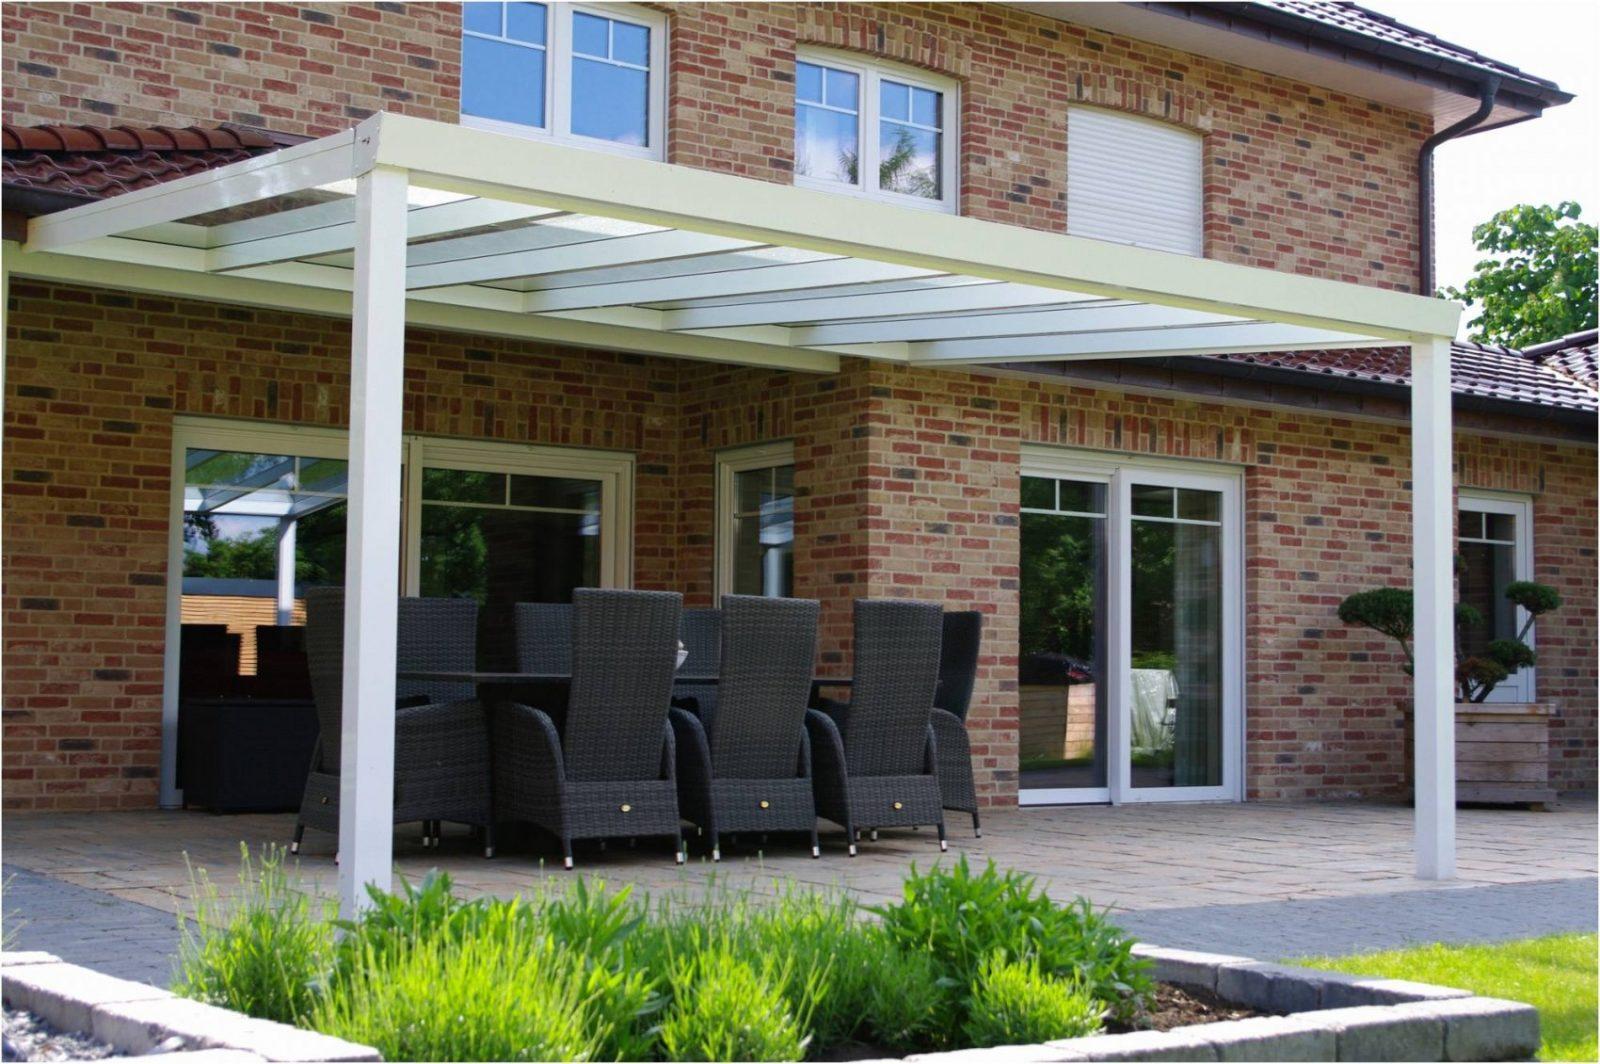 Schön Terrassenüberdachung Selber Bauen Luxus Home Ideen Von von Terrassenüberdachung Selber Bauen Video Bild